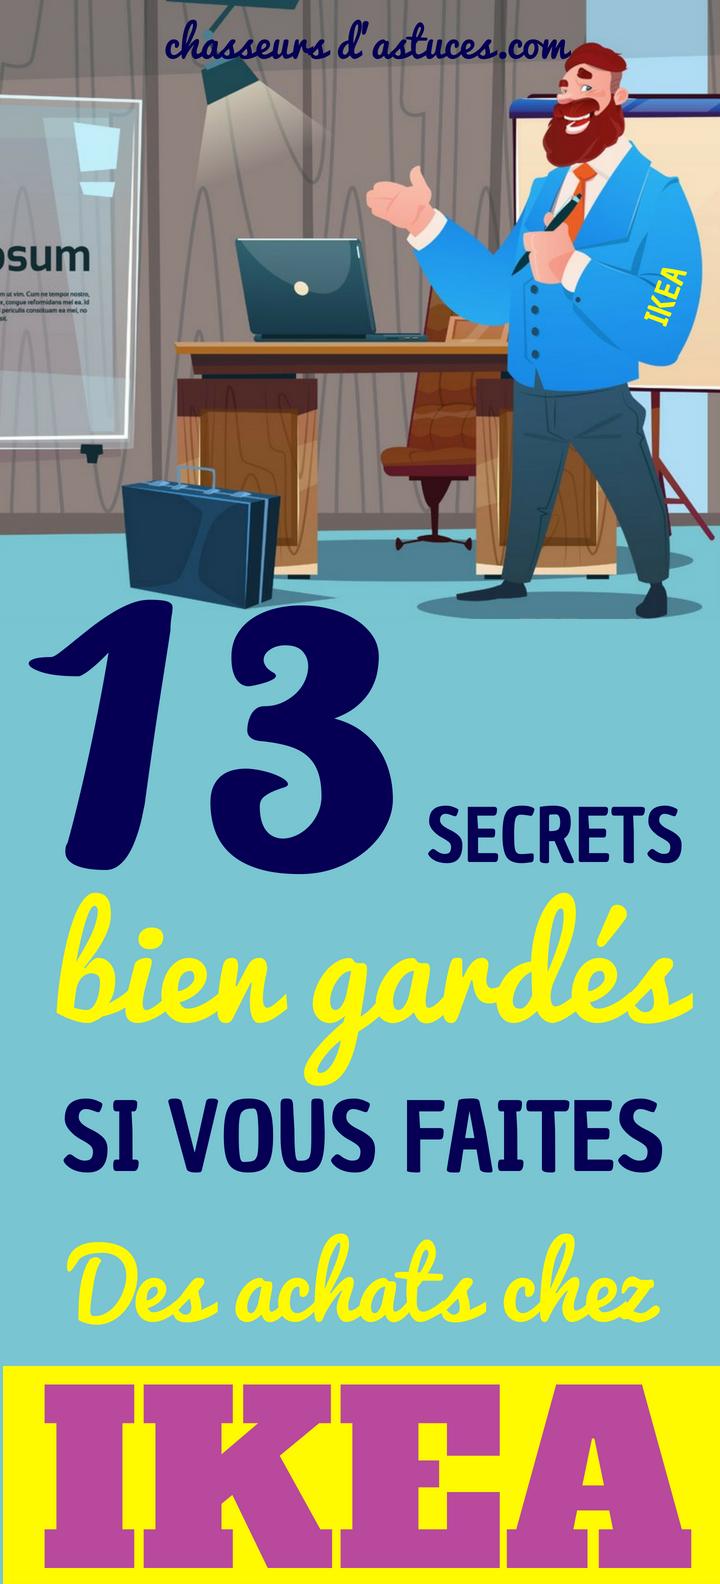 13 secrets conna tre d employ s de chez ikea astuces vie suotidienne pinterest. Black Bedroom Furniture Sets. Home Design Ideas